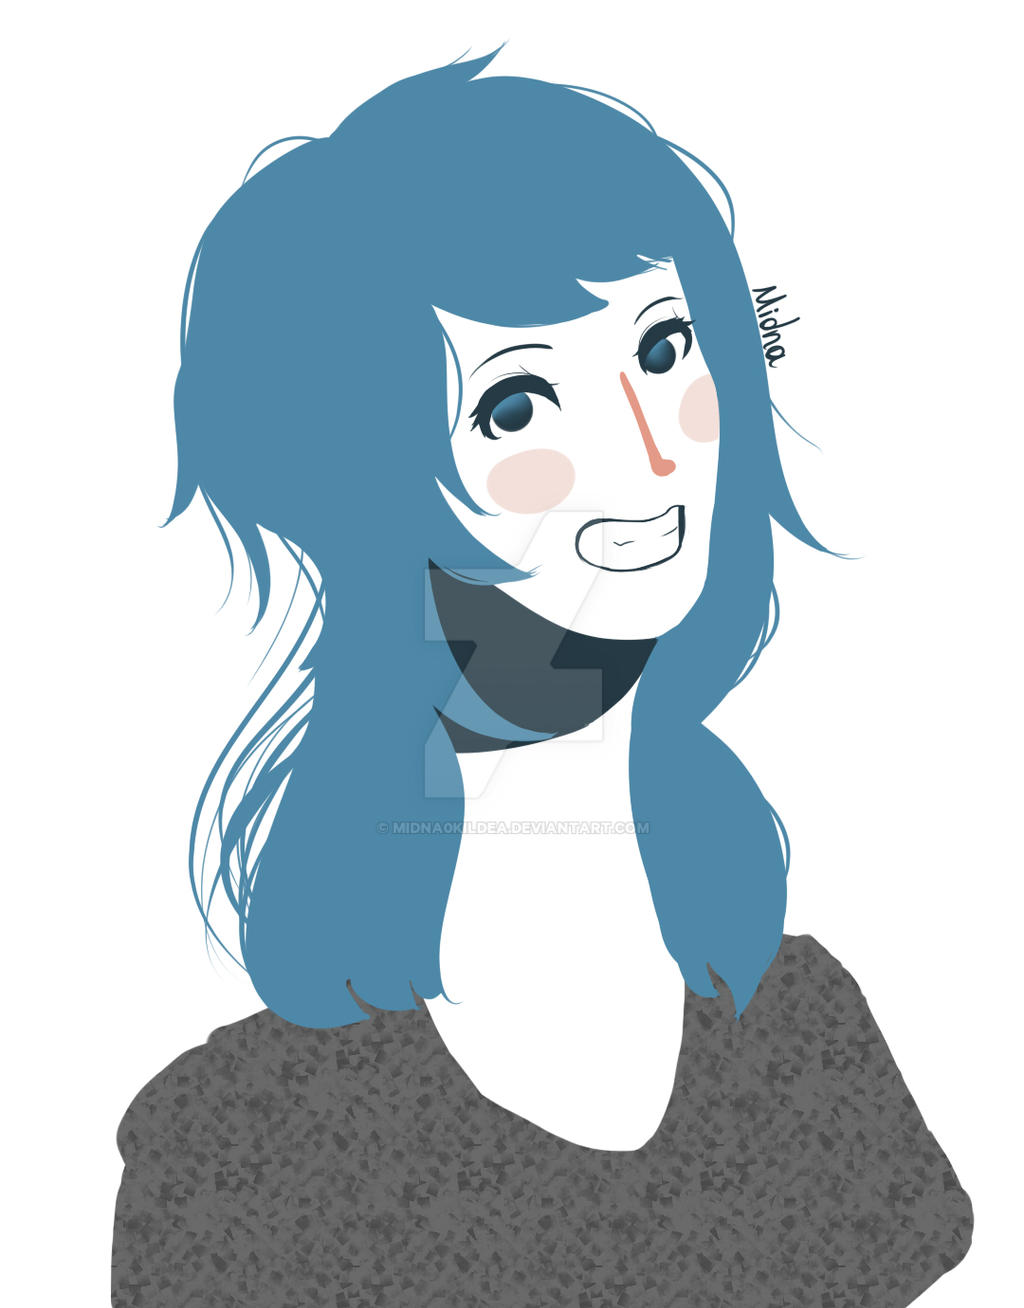 Midna0Kildea's Profile Picture